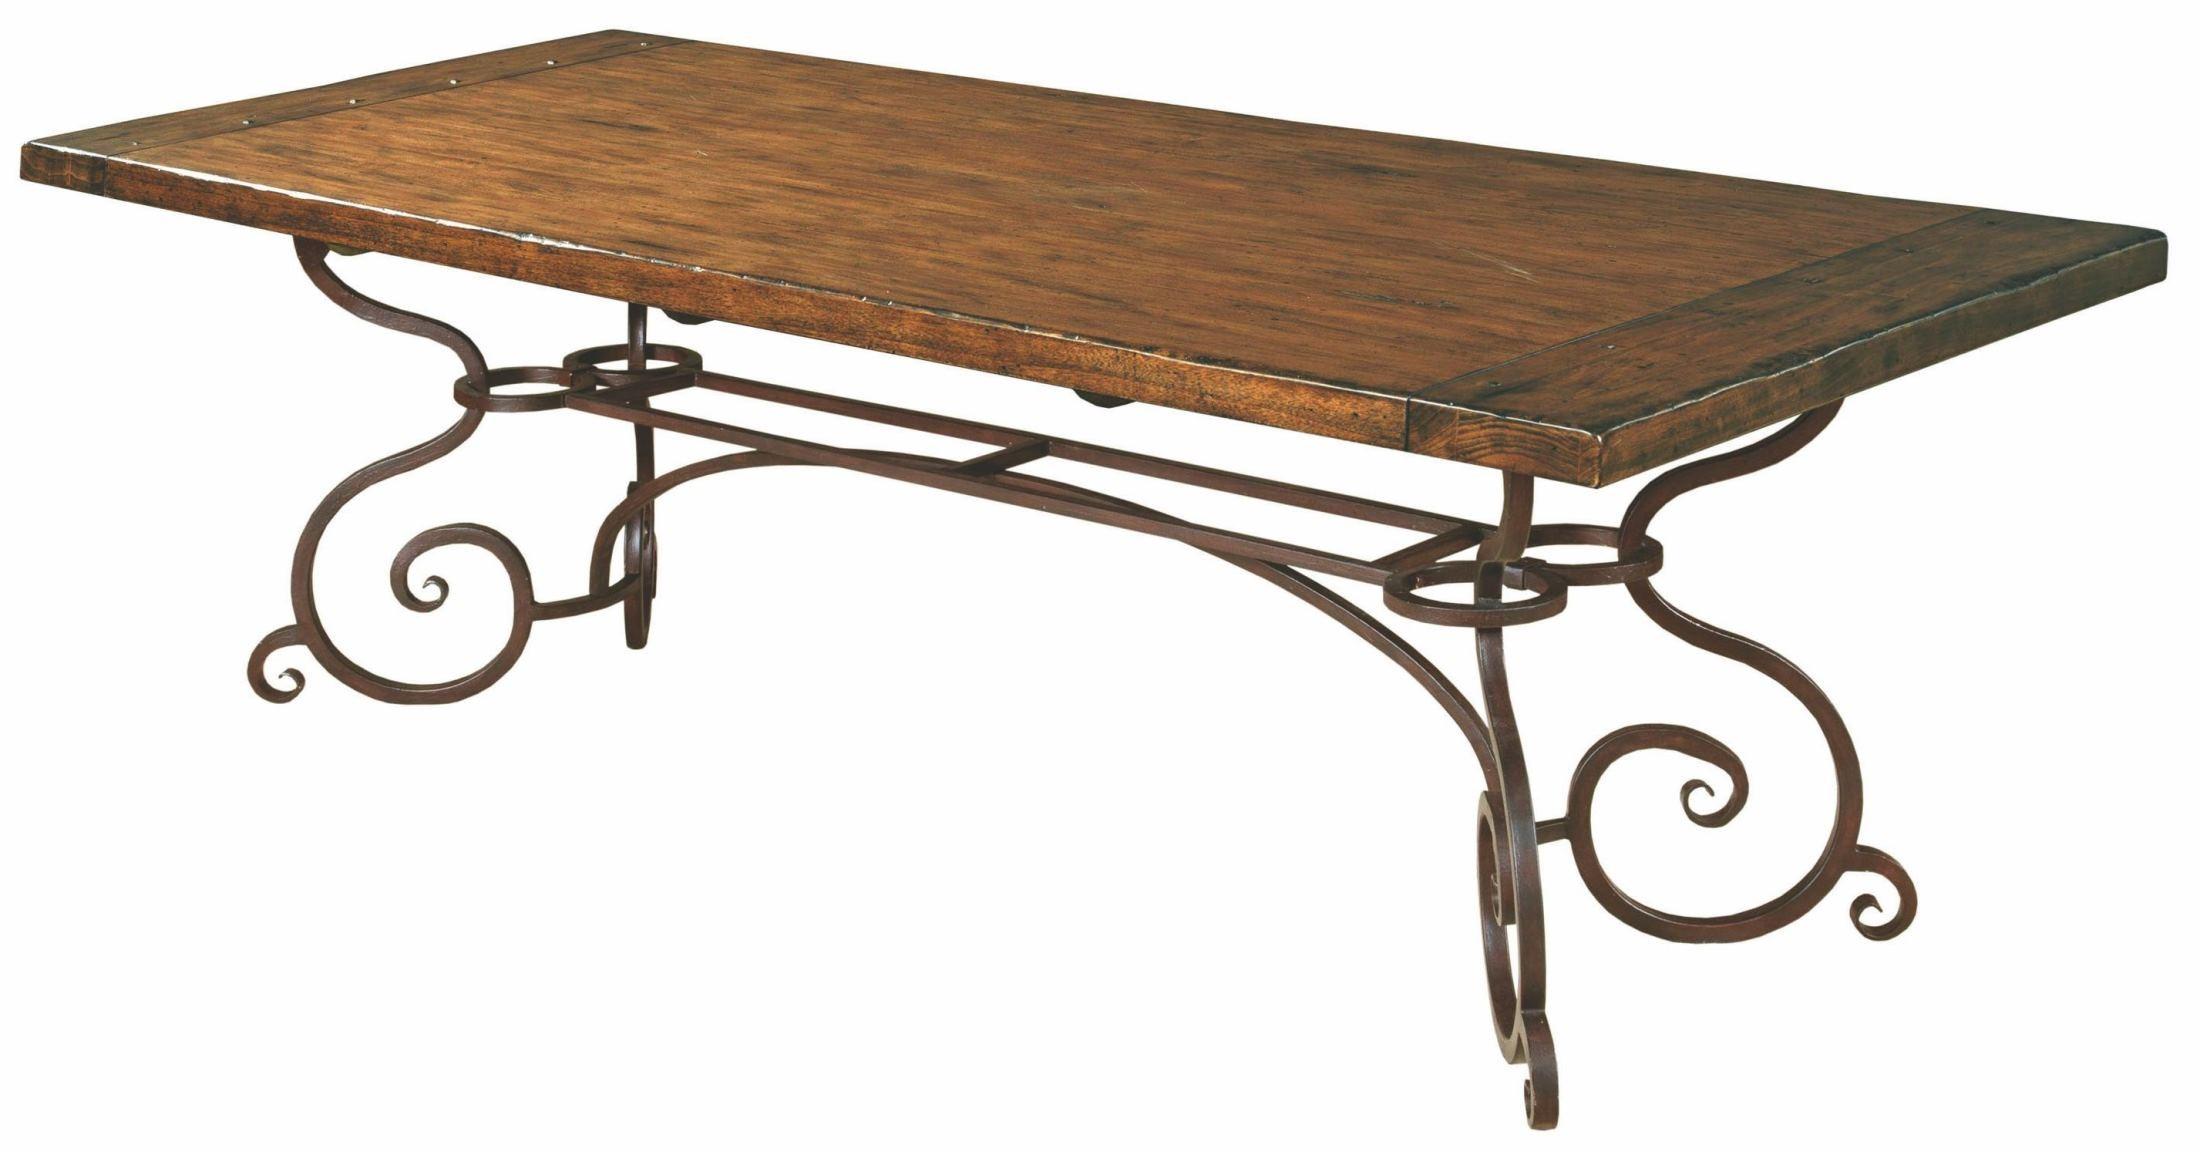 rectangular metal dining table base